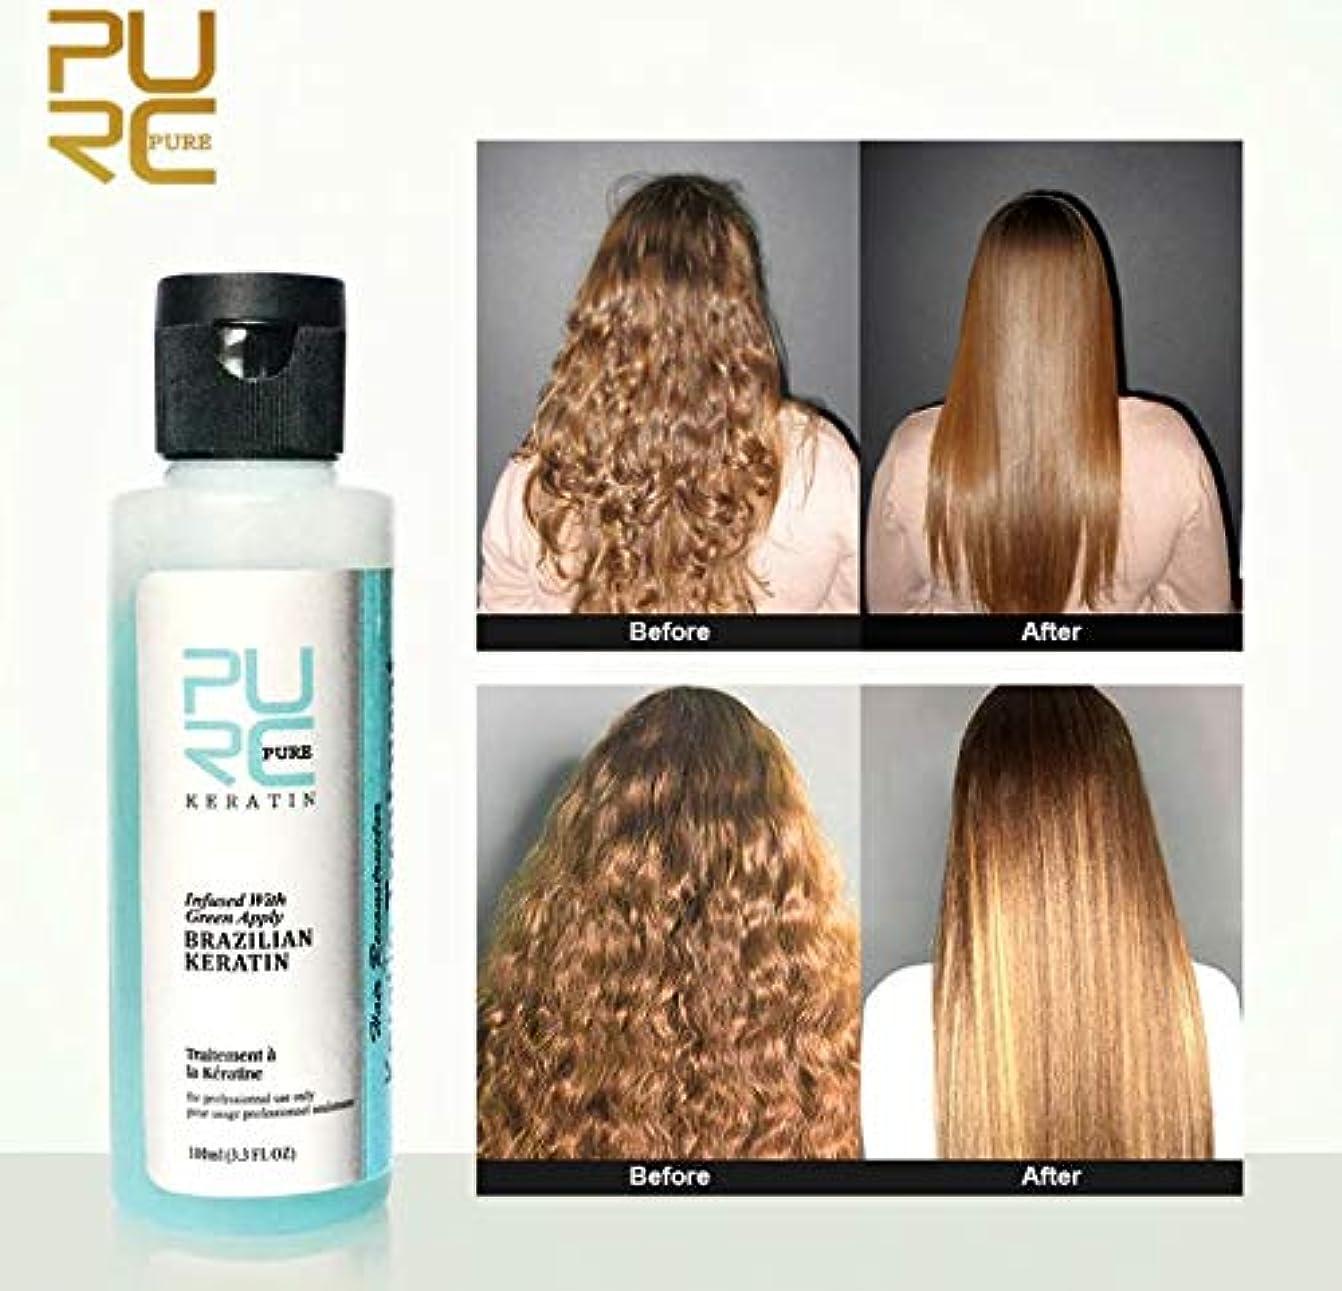 ワット着服召集するPURC 3.7% Apple Flavor Keratin Treatment Straightening Hair Repair Damage Frizzy Hair Brazilian Keratin Treatment Hair Care (PURC 3.7%アップルフレーバーケラチントリートメント矯正ヘアリペアダメージフリージーヘアブラジルケラチントリートメントヘアケア)